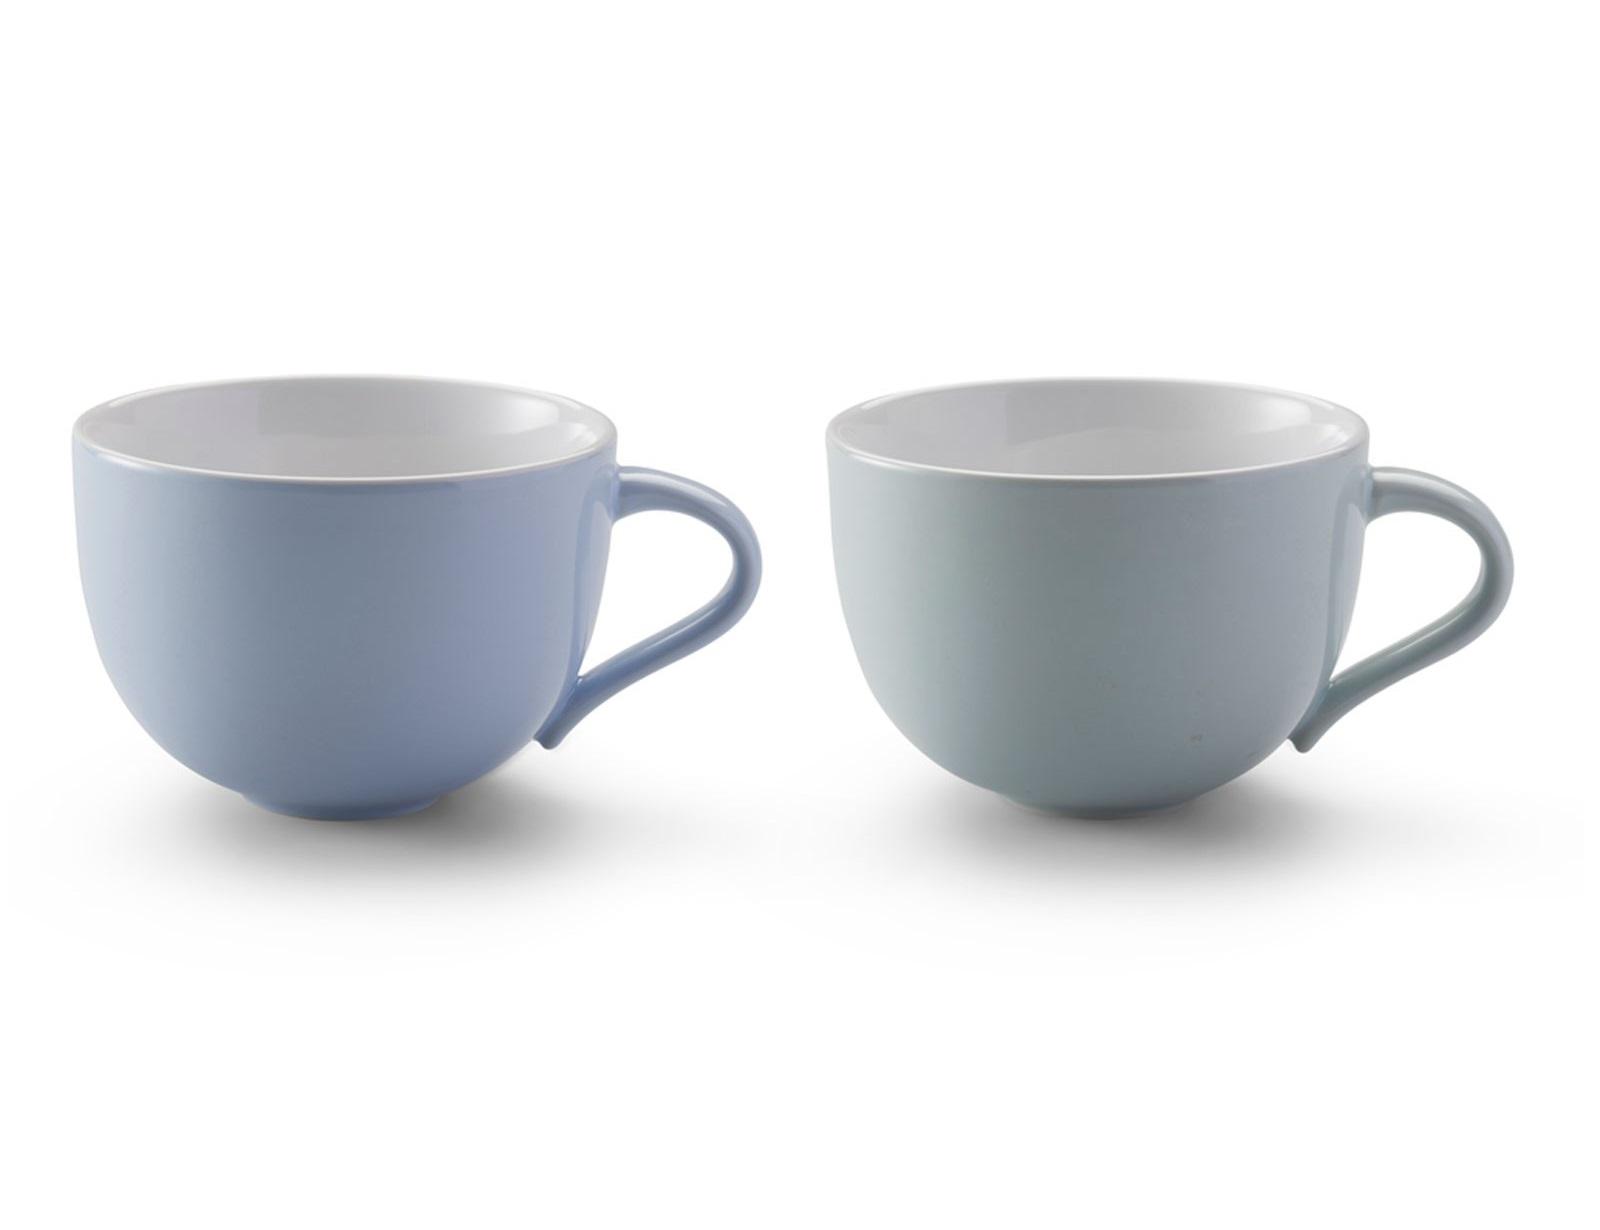 Набор кружек Emma (2шт)Чайные пары, чашки и кружки<br>Набор из 2х кружек Emma. Дополнительно к кружкам можно приобрести блюдца.&amp;amp;nbsp;&amp;lt;div&amp;gt;&amp;lt;br&amp;gt;&amp;lt;/div&amp;gt;&amp;lt;div&amp;gt;Объем каждой чашки 350мл.&amp;amp;nbsp;&amp;lt;br&amp;gt;&amp;lt;/div&amp;gt;<br><br>Material: Керамика<br>Length см: None<br>Width см: 13.5<br>Depth см: 10.5<br>Height см: 7.5